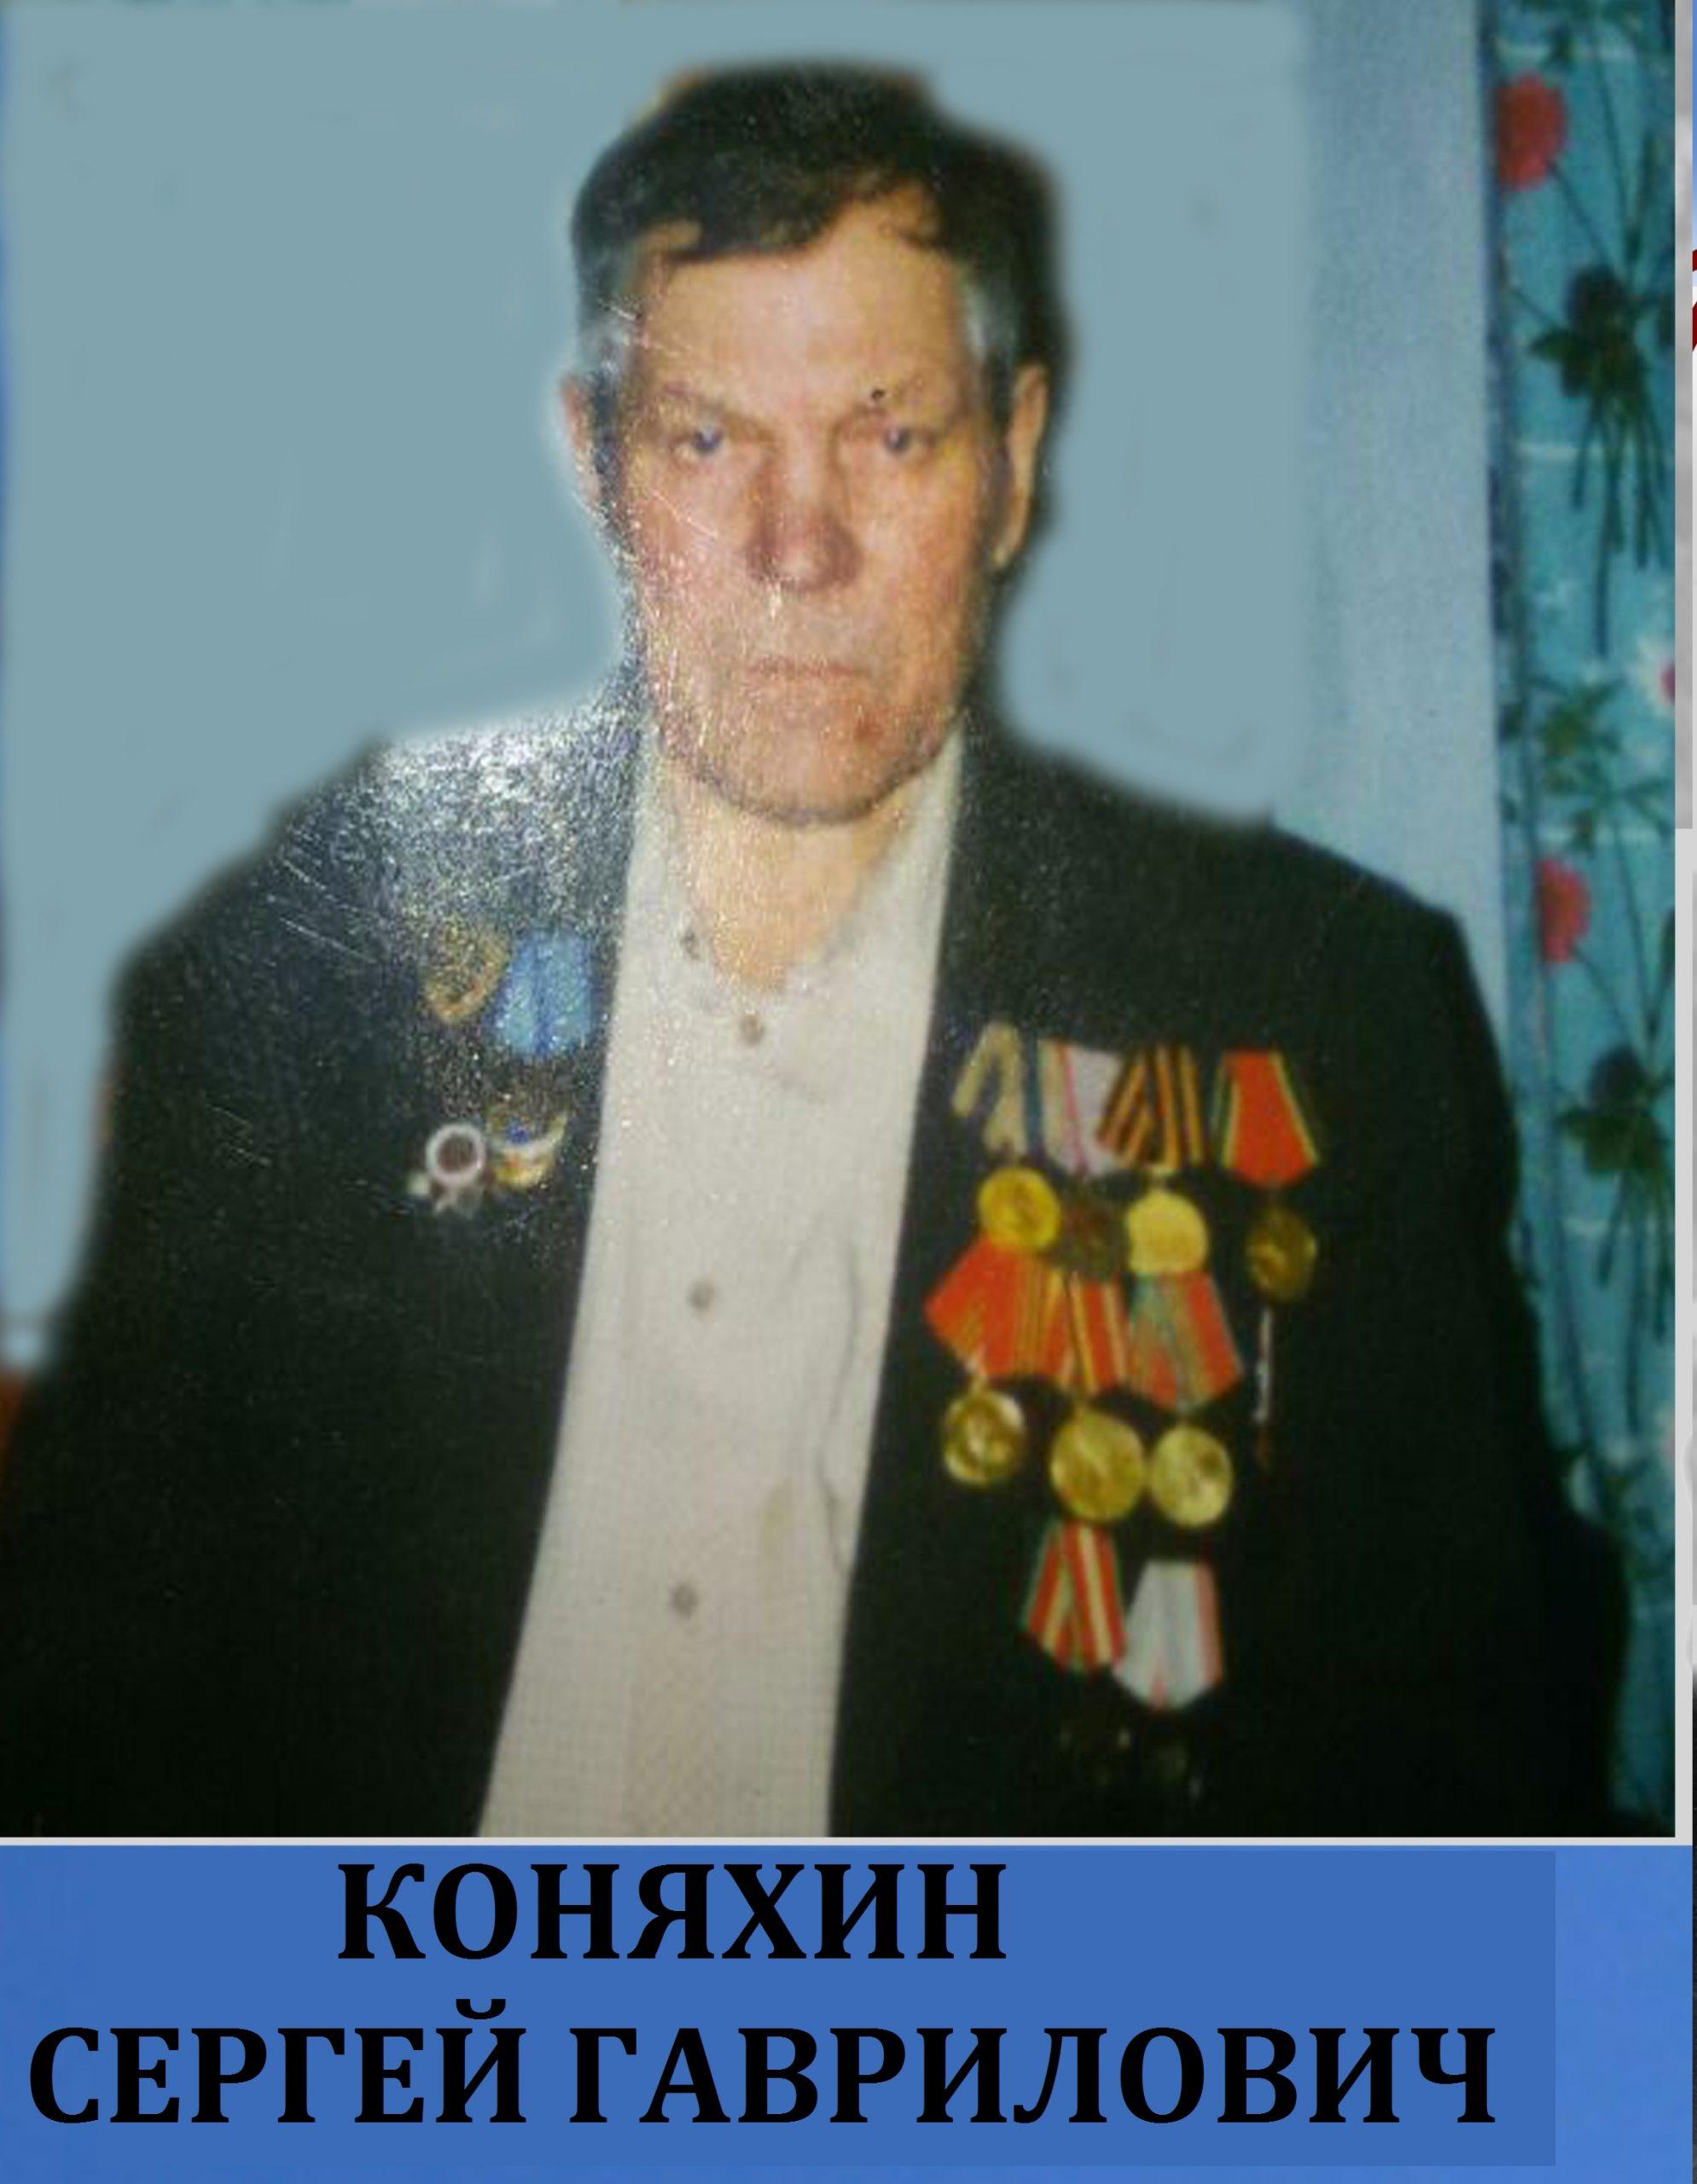 Коняхин Сергей Гаврилович